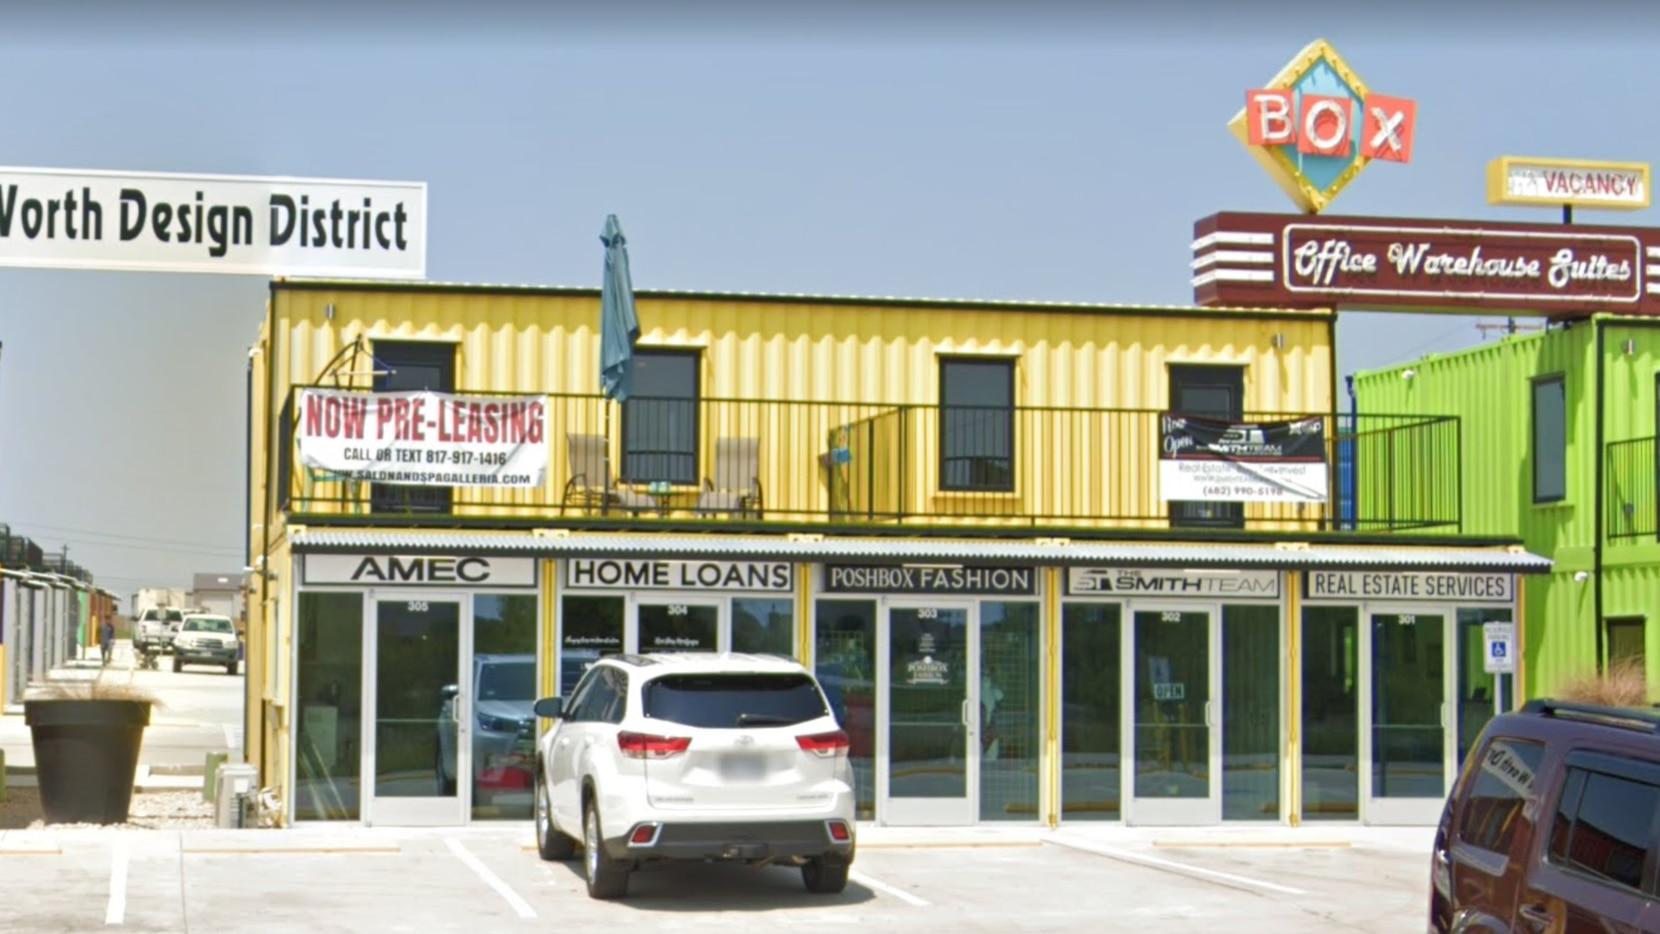 La joven asesinada trabajaba en el Fort Worth Design District.